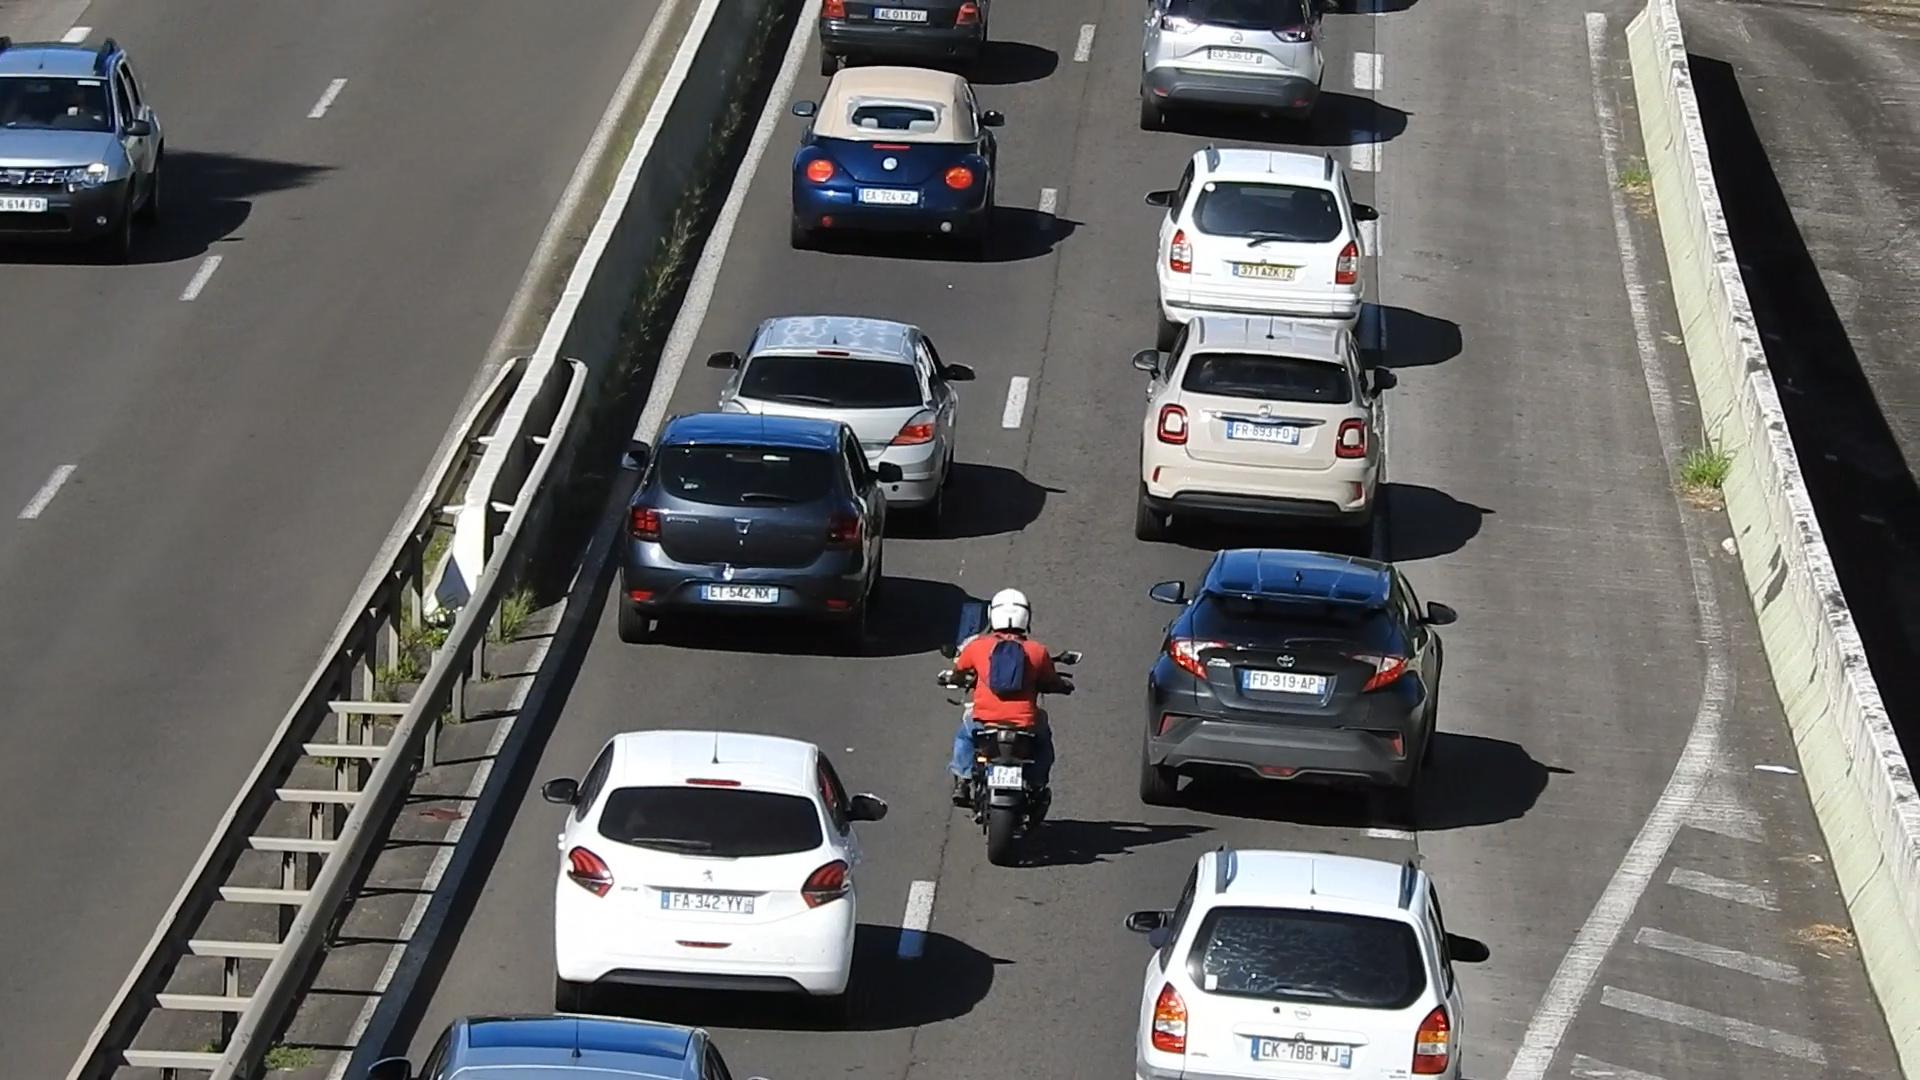 [Vidéo] onews Martinique. Interdiction pour les 2 roues de circuler entre entre 2 voitures. Qu'en est il pour la Martinique?